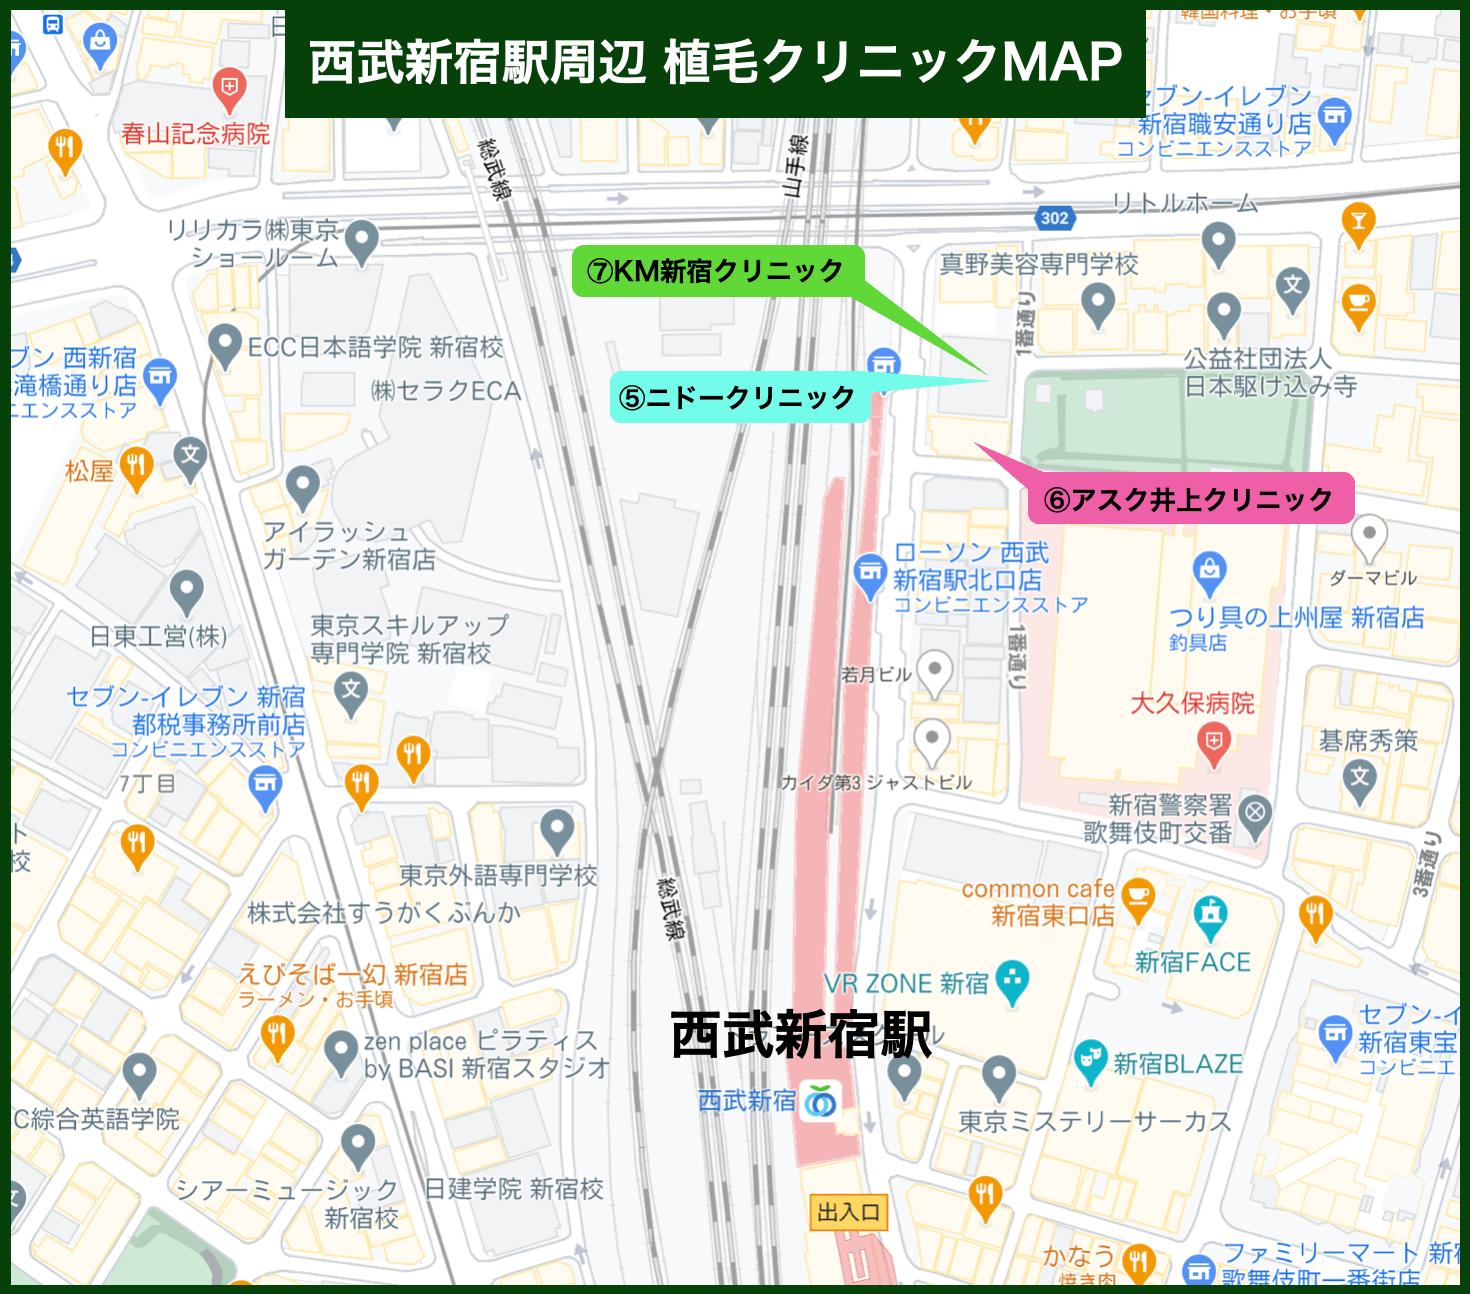 西武新宿駅周辺植毛クリニックMAP(2021年版)